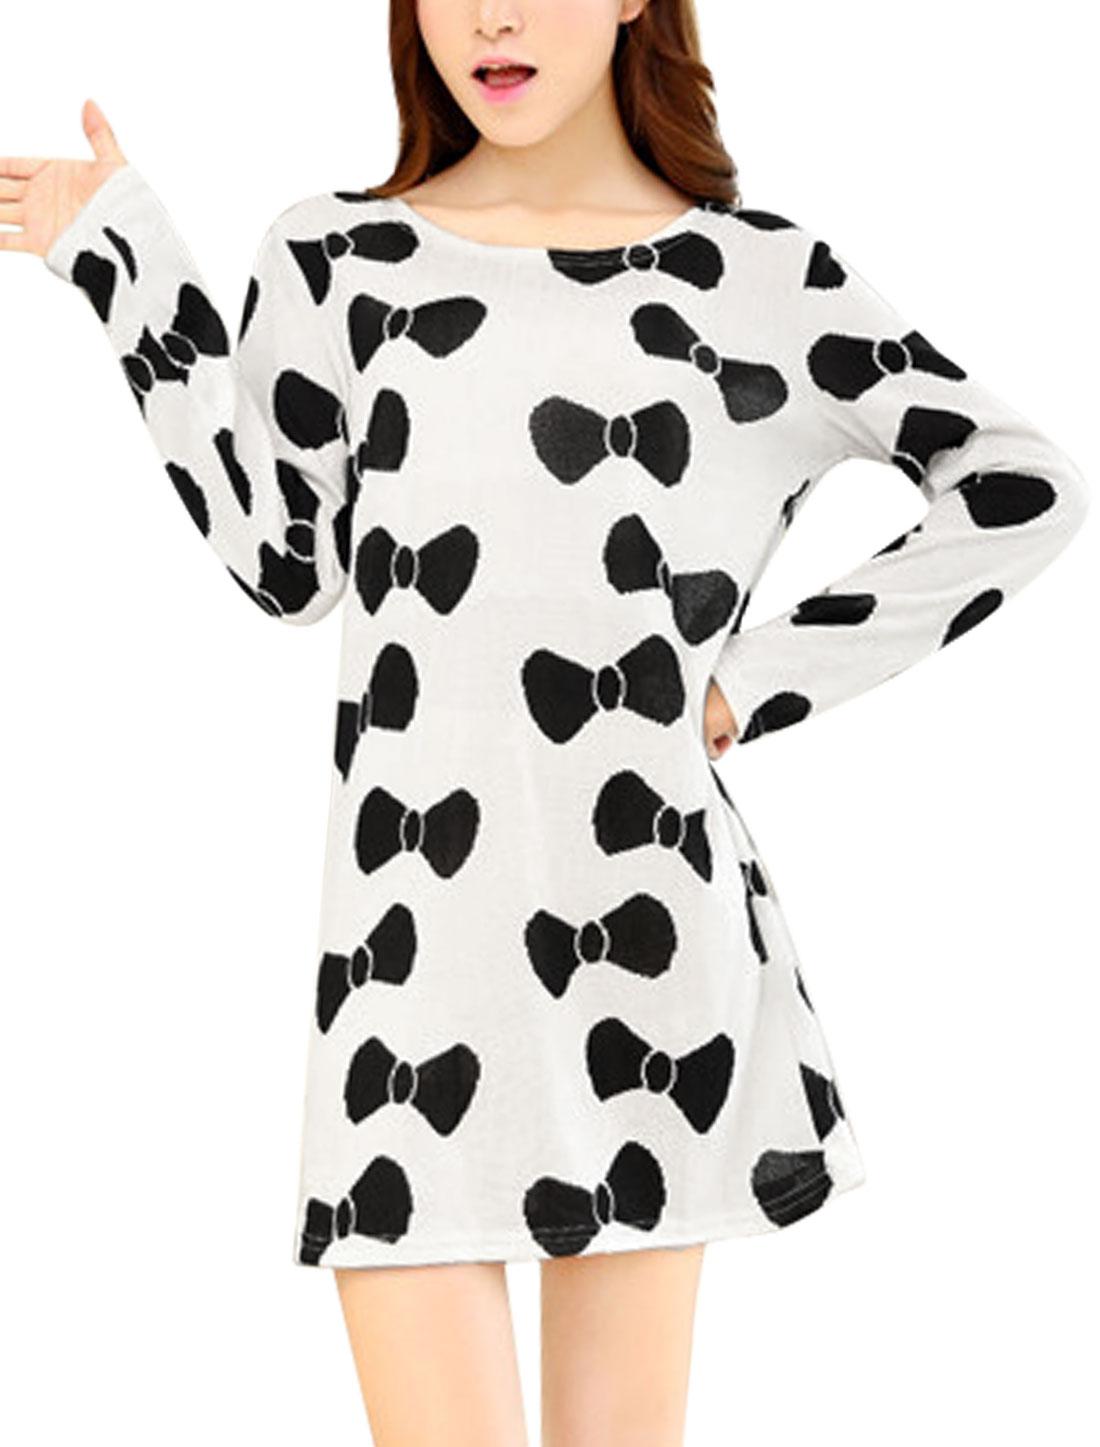 Women Bowknot Pattern Long Sleeve Light Knit Straight Dress Beige S